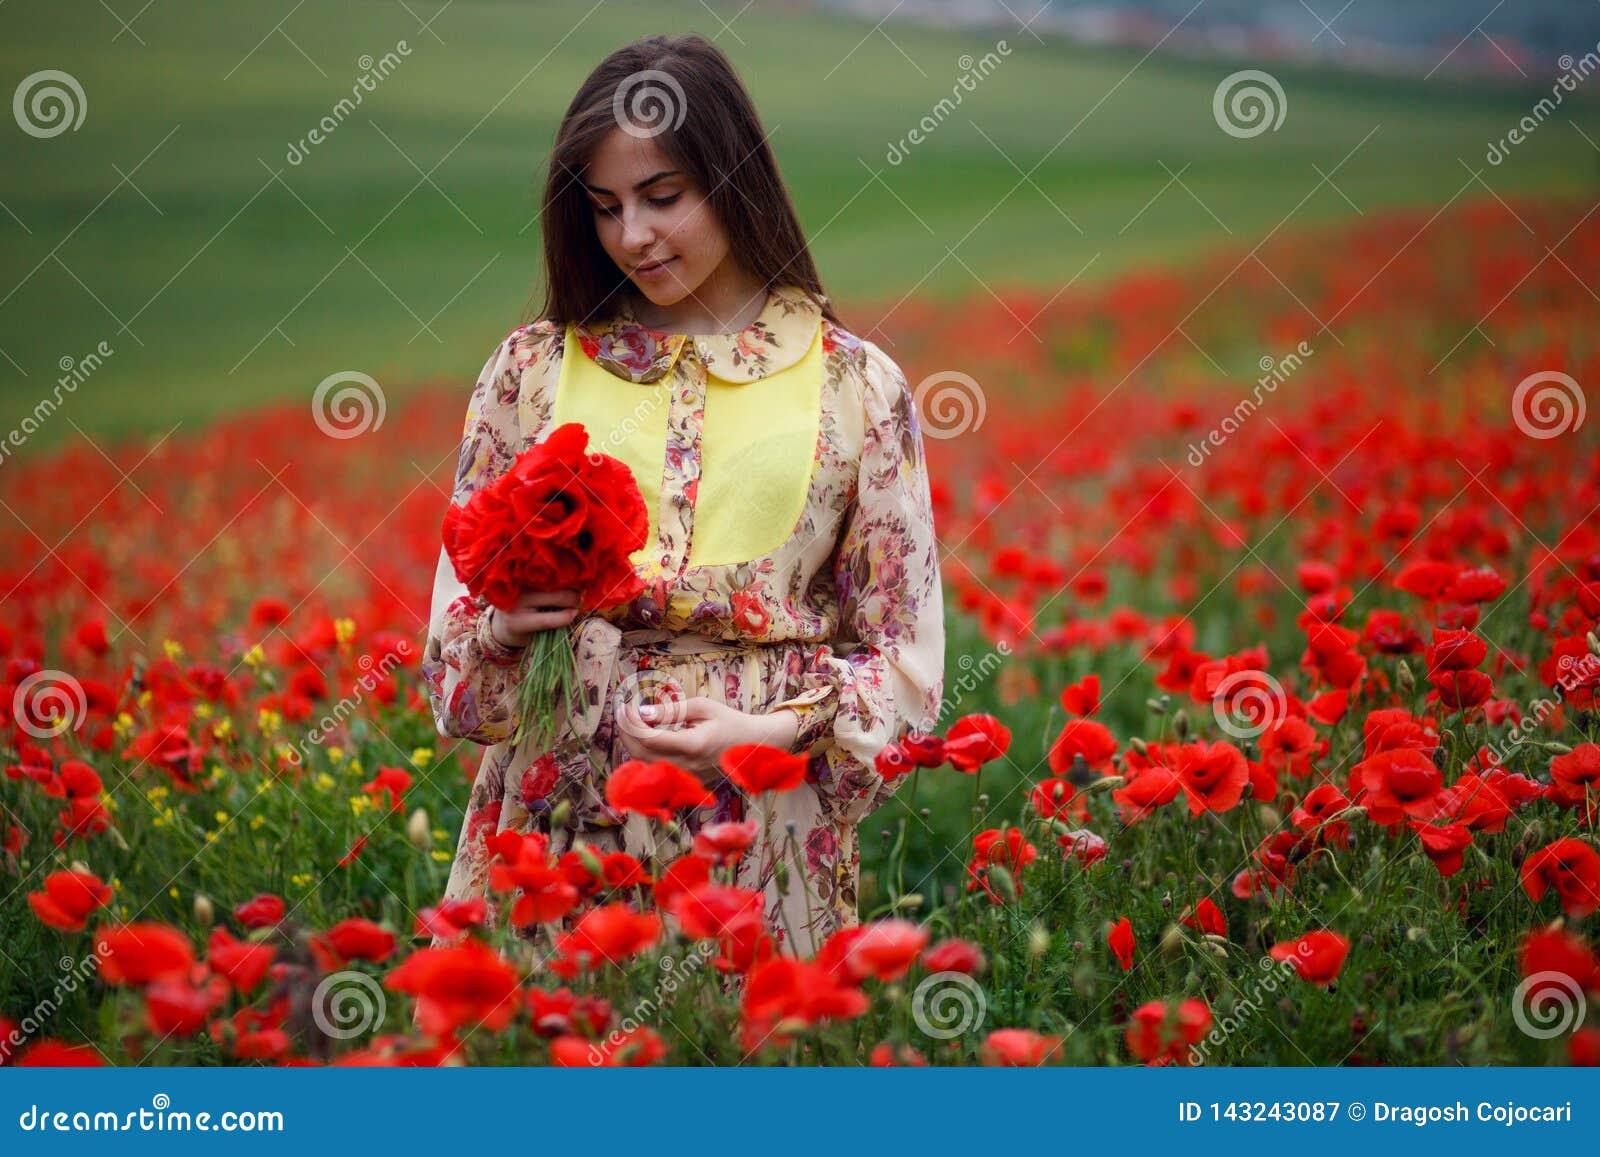 Schönheitsporträt des langhaarigen jungen Modells, in Mohnblumen Feld gesetzt, Sommertageshintergrund